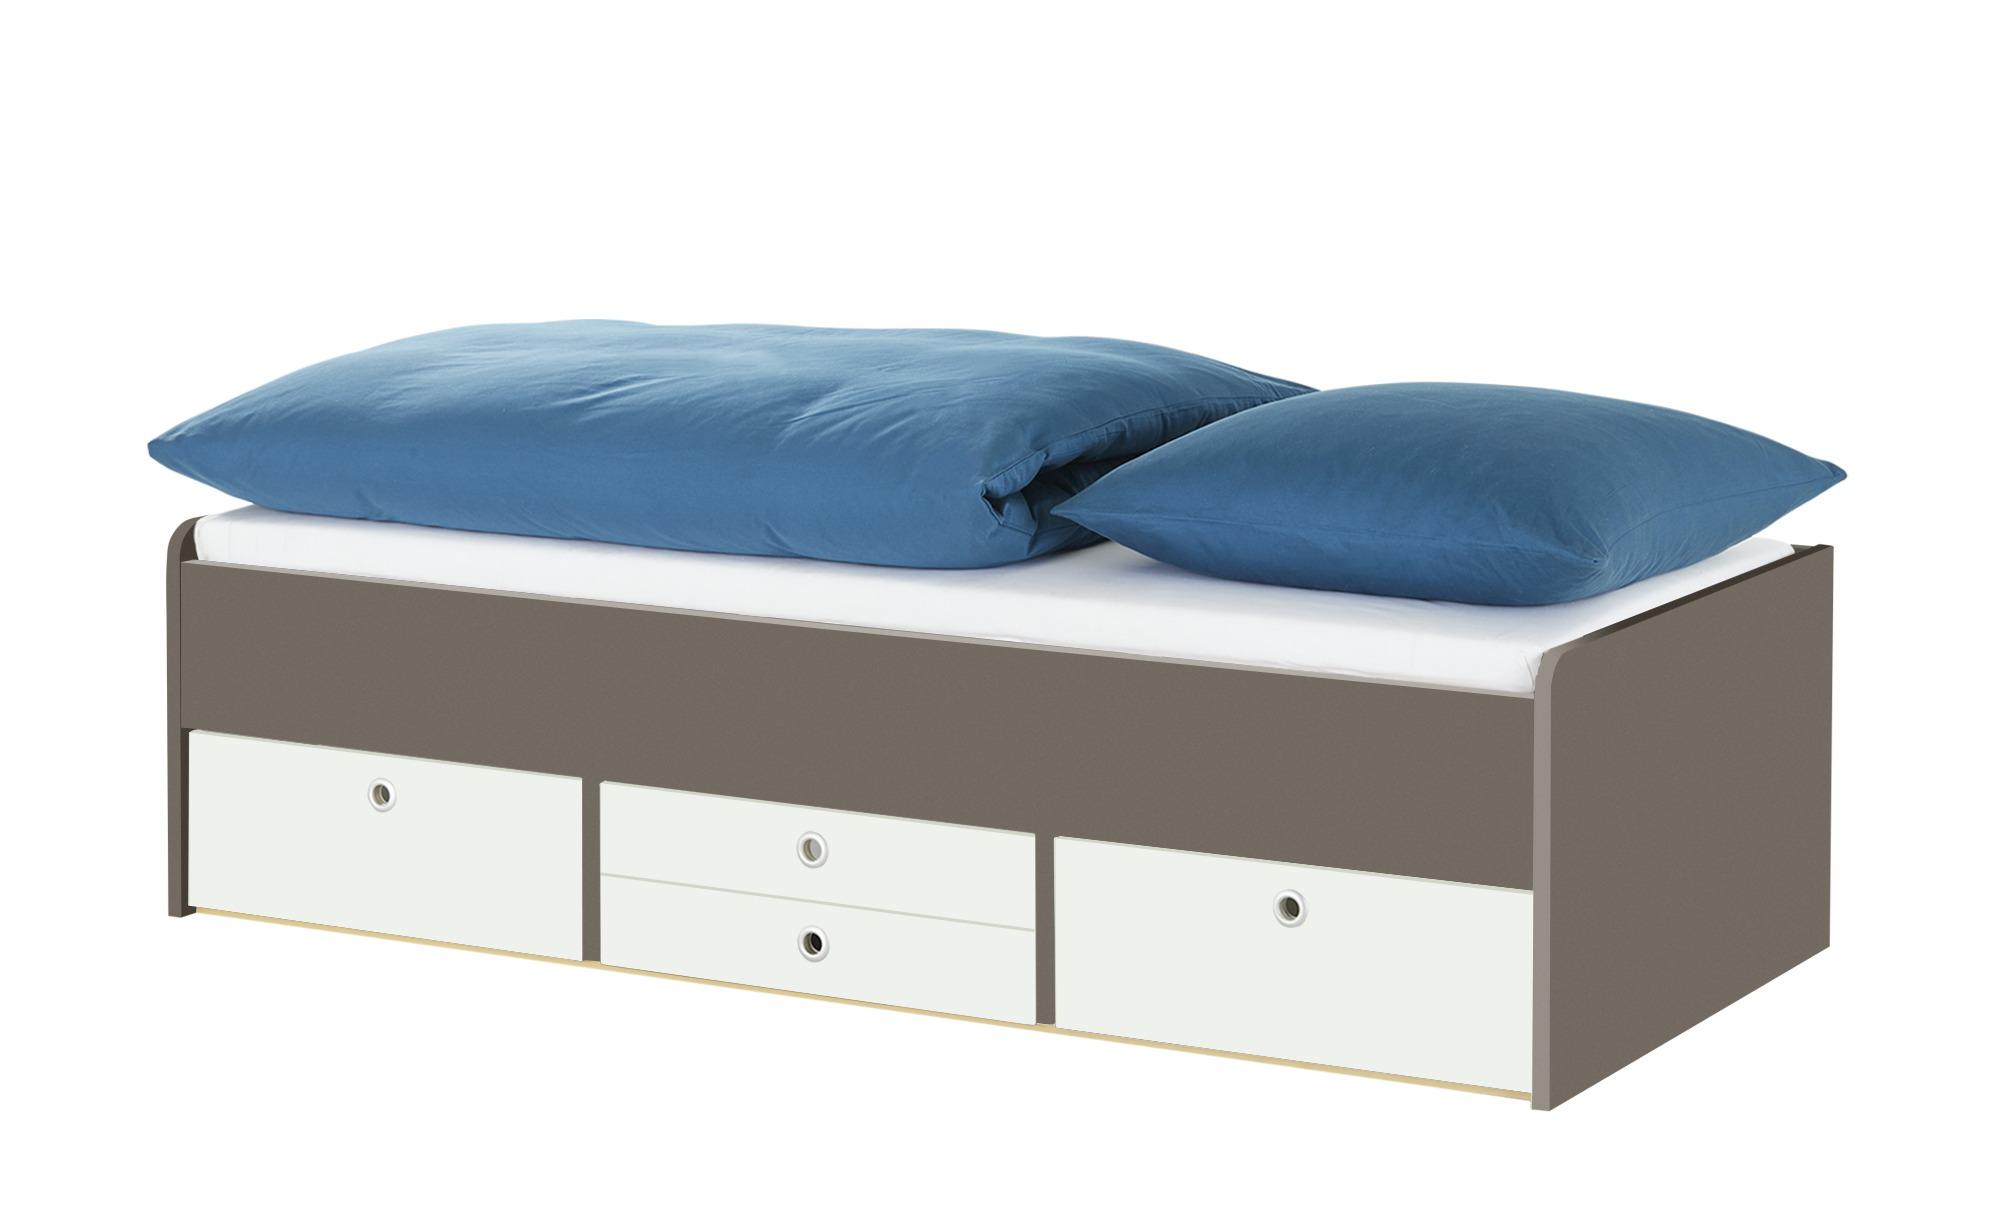 Schubkastenbett - braun - Betten > Bettgestelle - Möbel Kraft günstig online kaufen